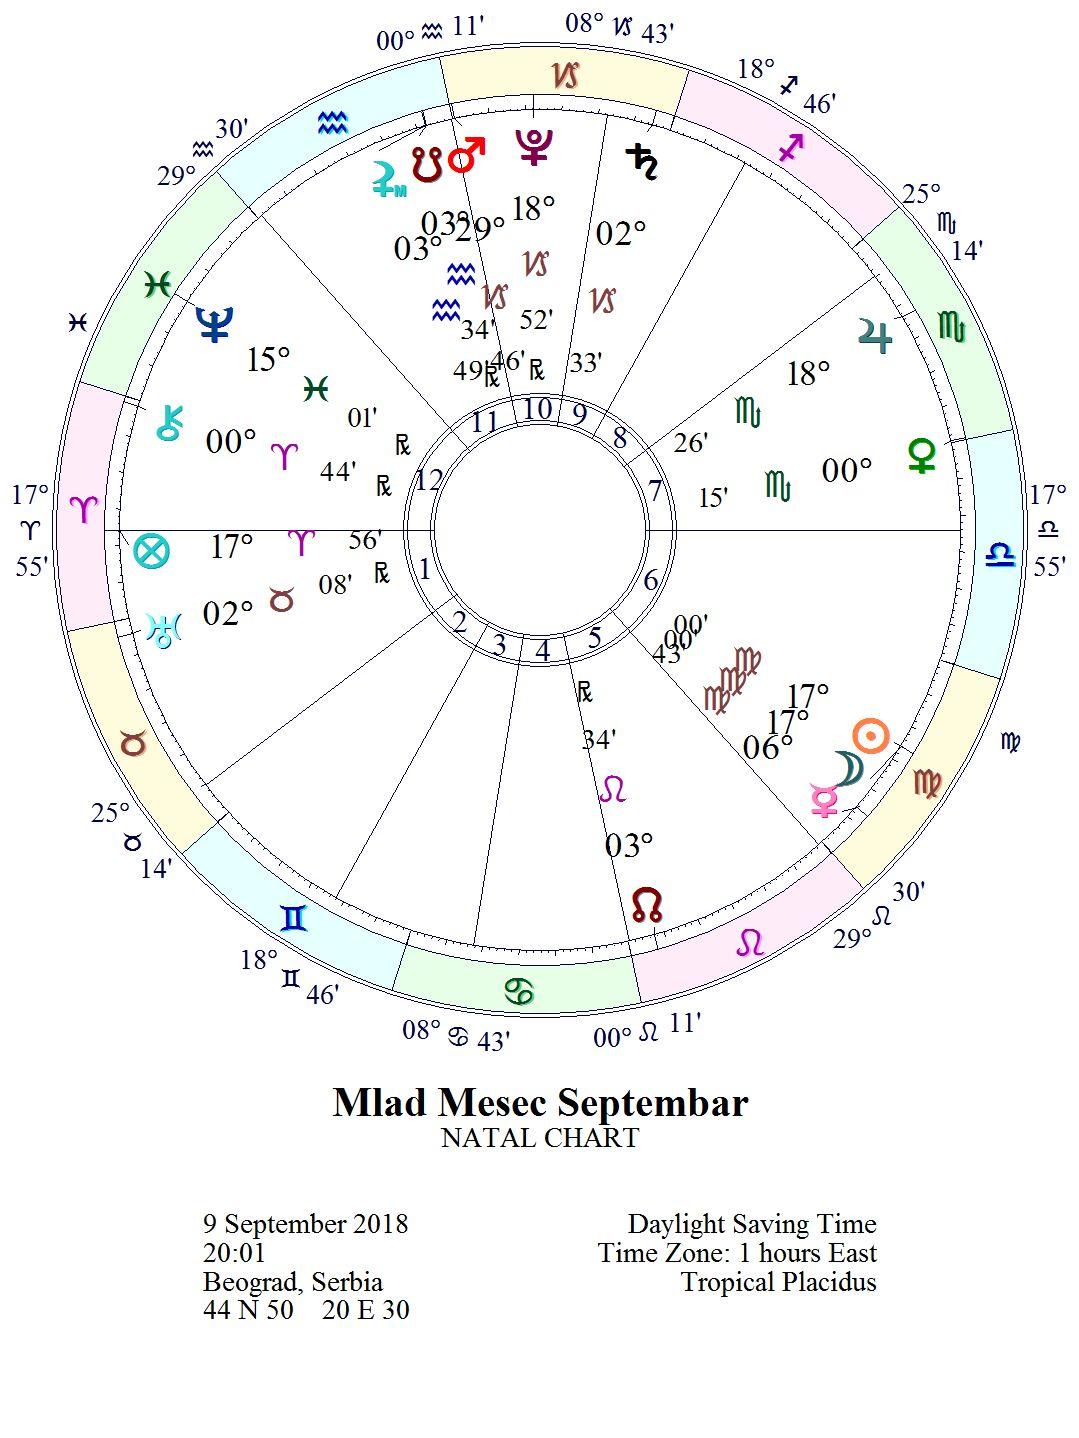 """NOVI LUNARNI CIKLUS 1. lunarni dan """"Svetiljka"""" 09.09. u 20:01 *MLAD MESEC 17° DEVICE"""